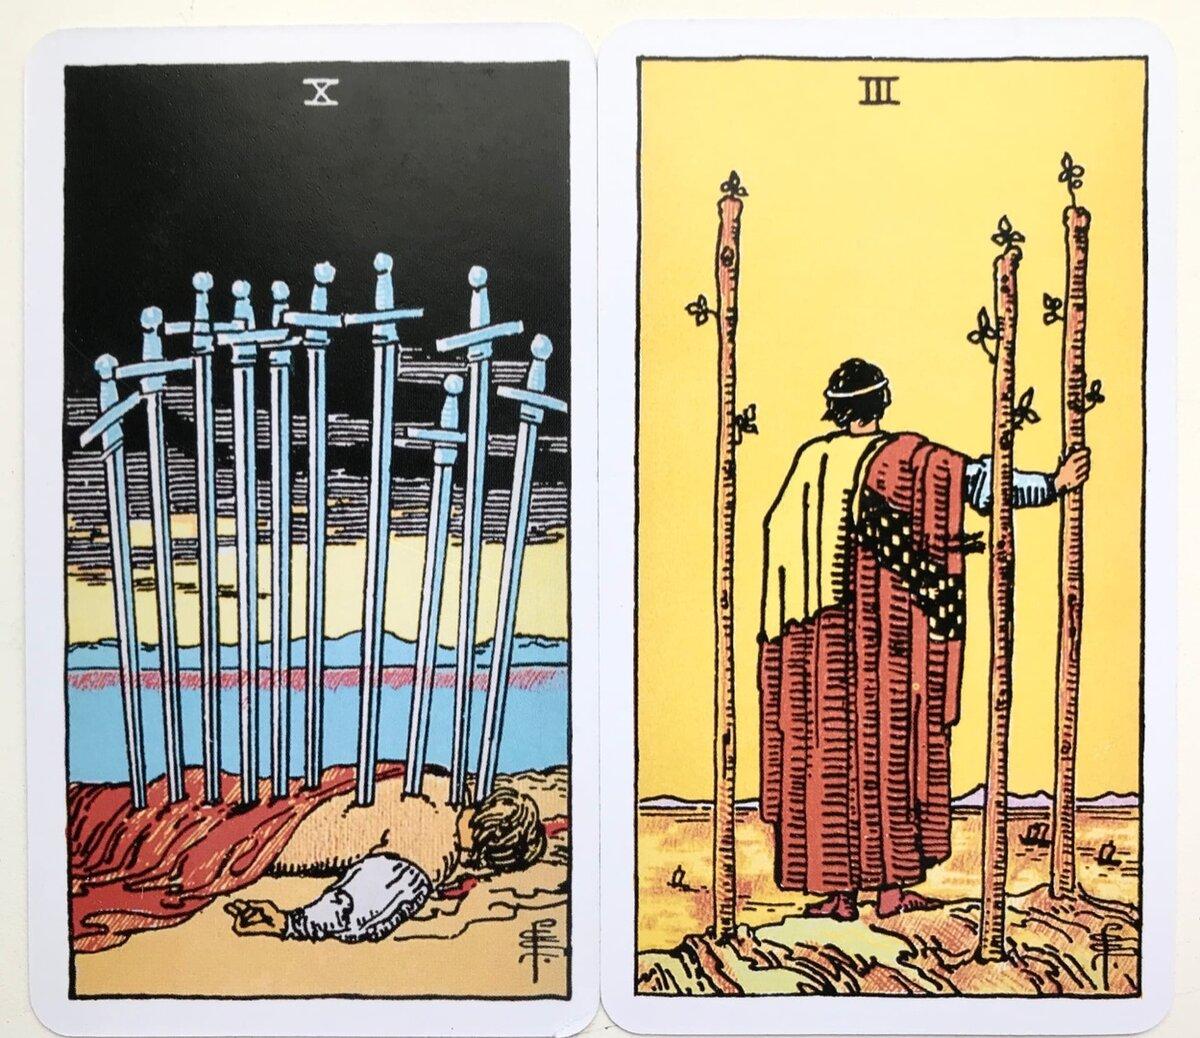 3 мечей (тройка клинков) таро уэйта: значение в отношениях, работе